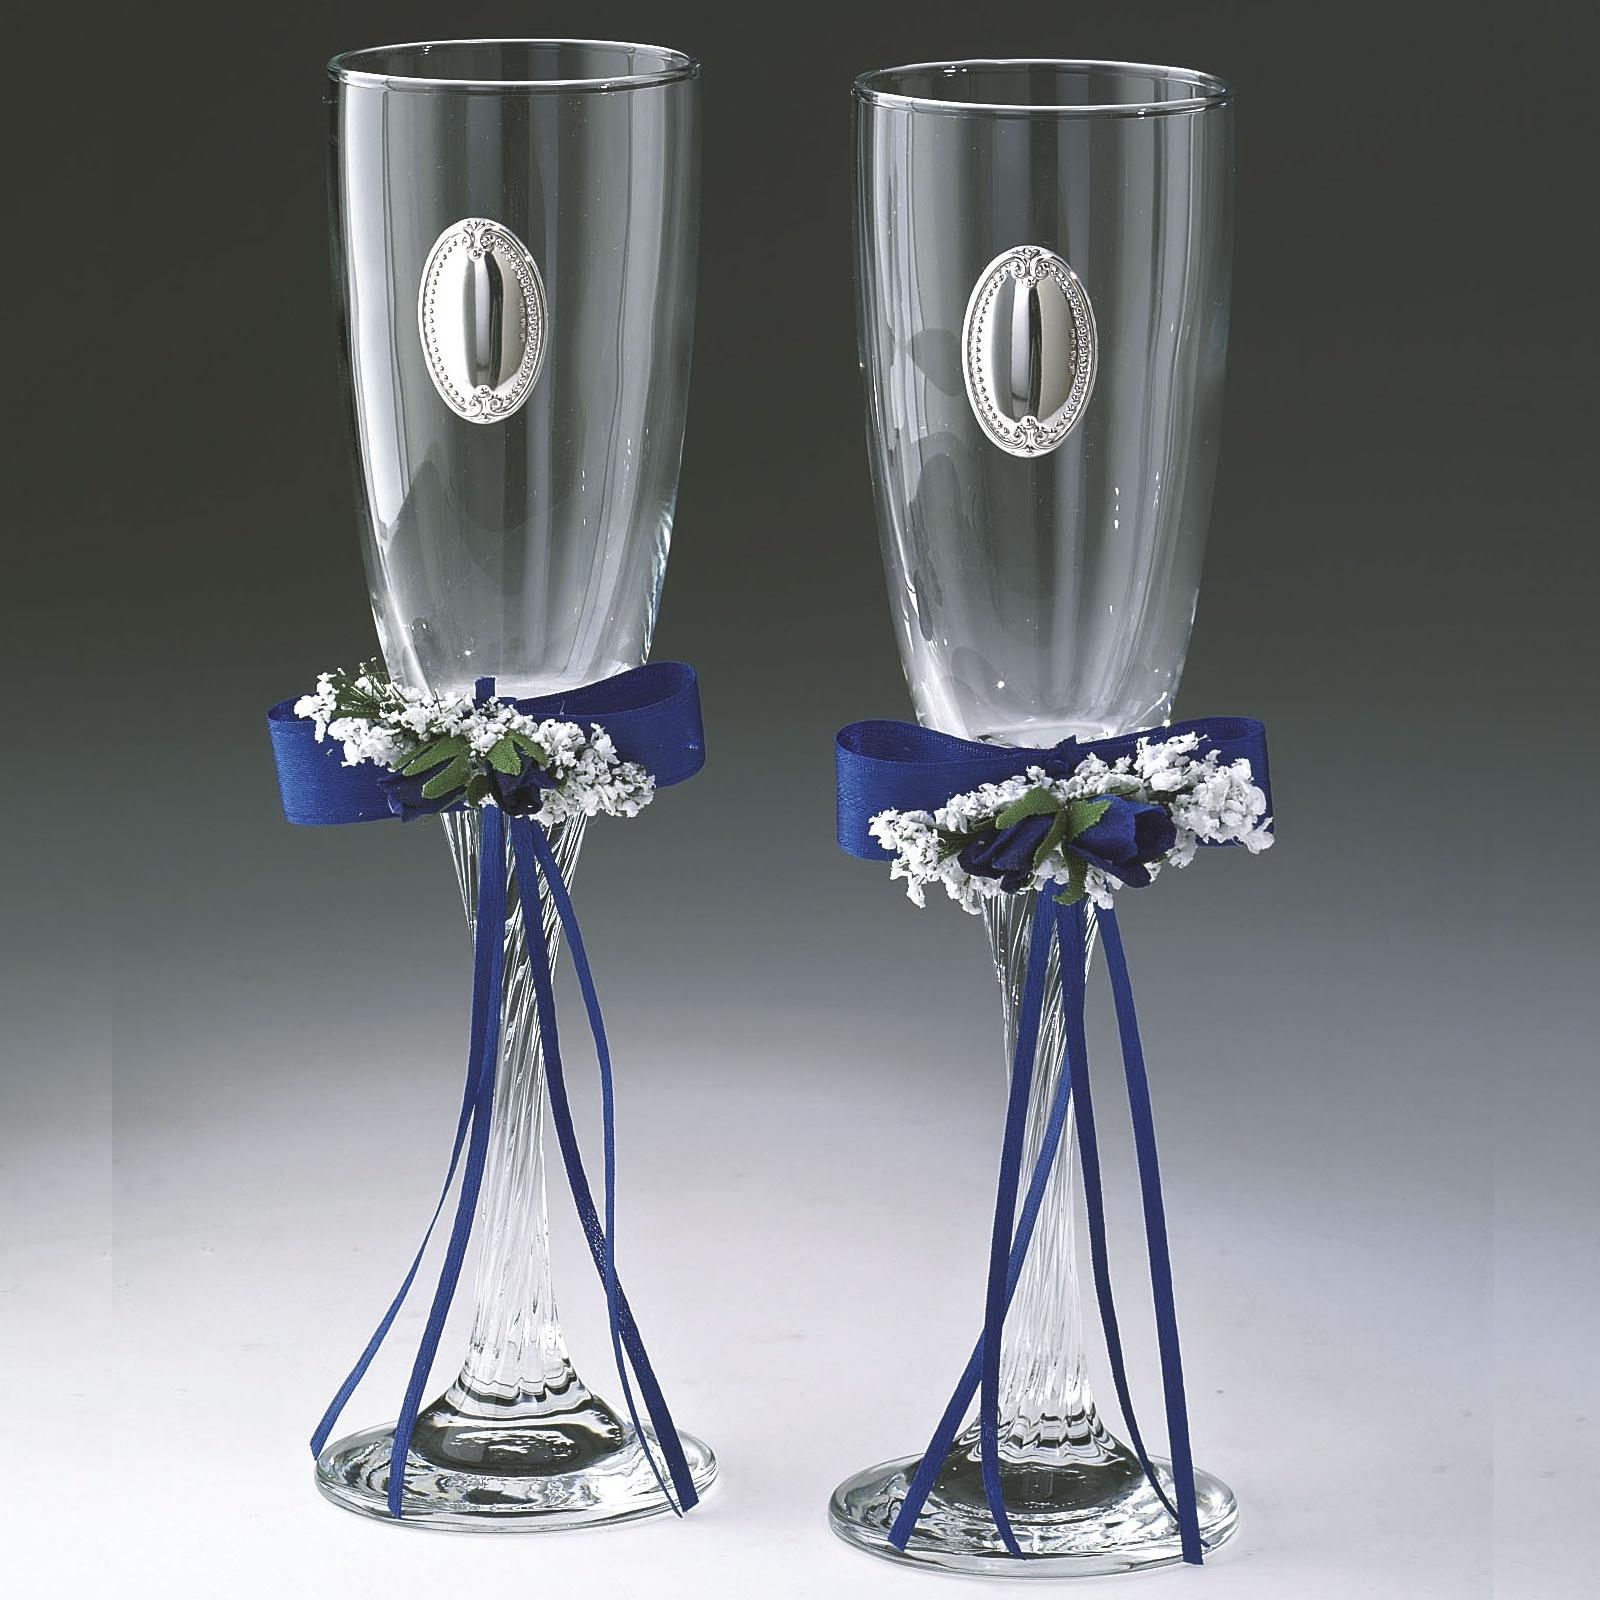 Как своими руками оформить бокалы на свадьбу своими руками